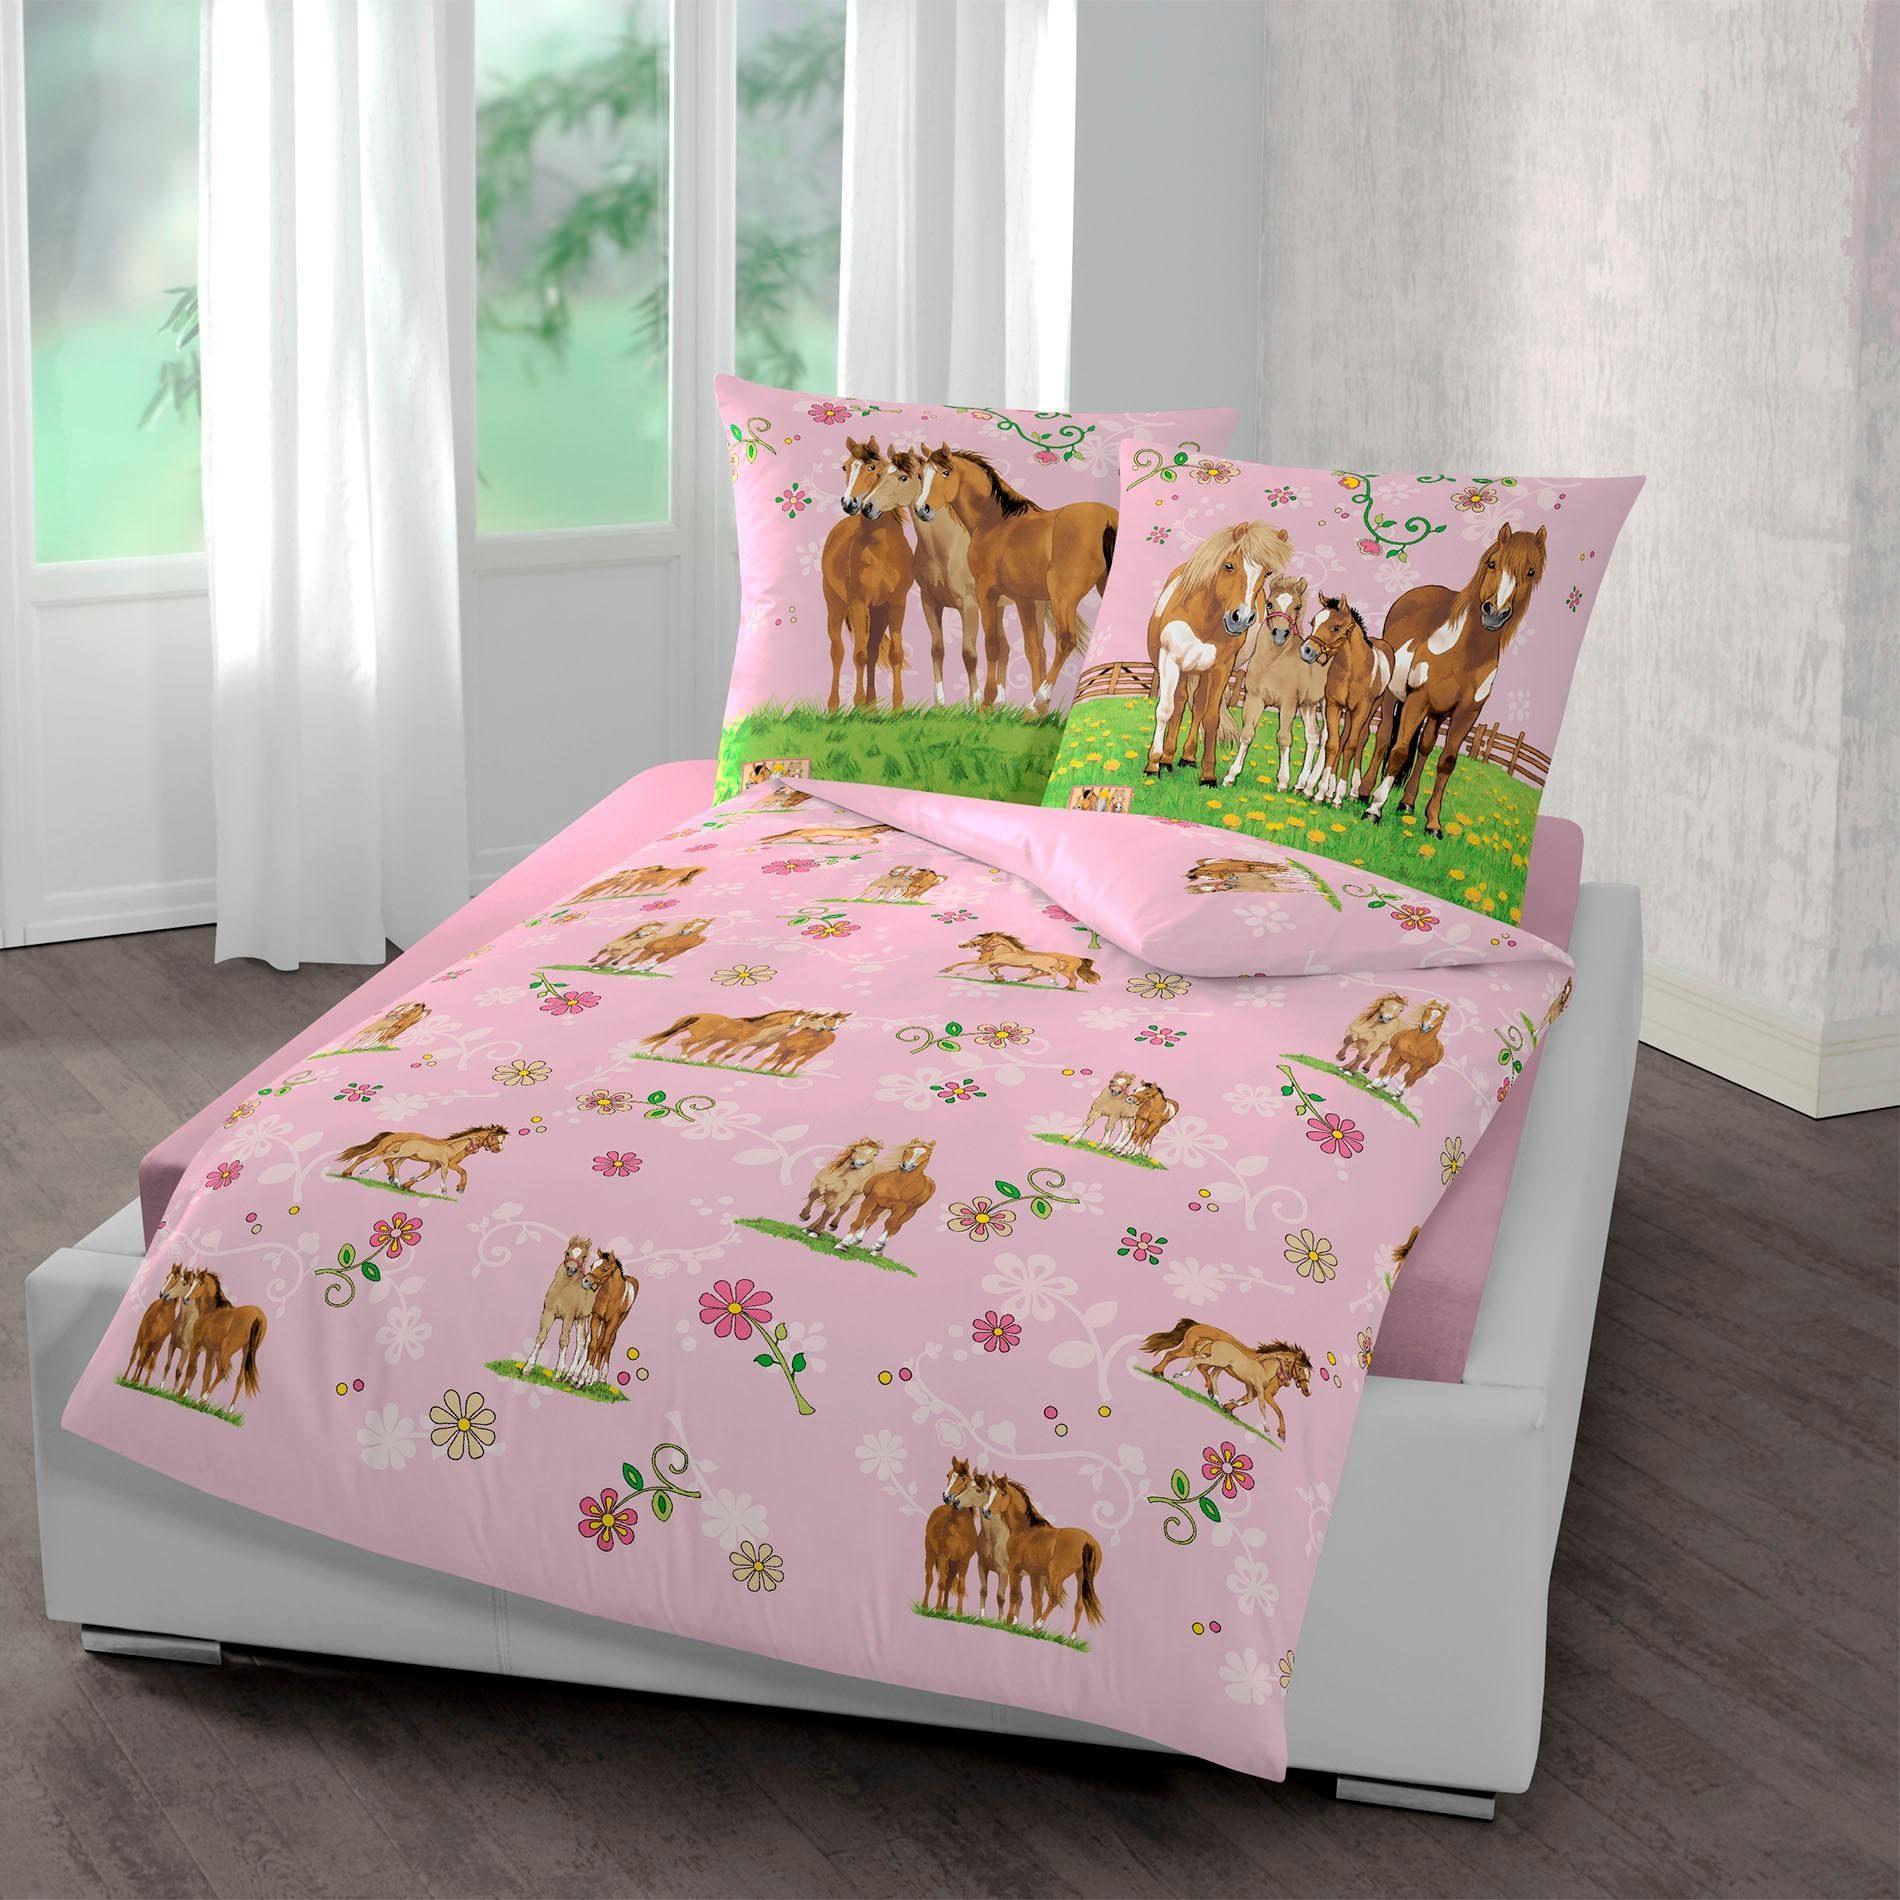 Biber Bettwaesche Kinder Pferde Wende Kinderbettwäsche Pony Biber